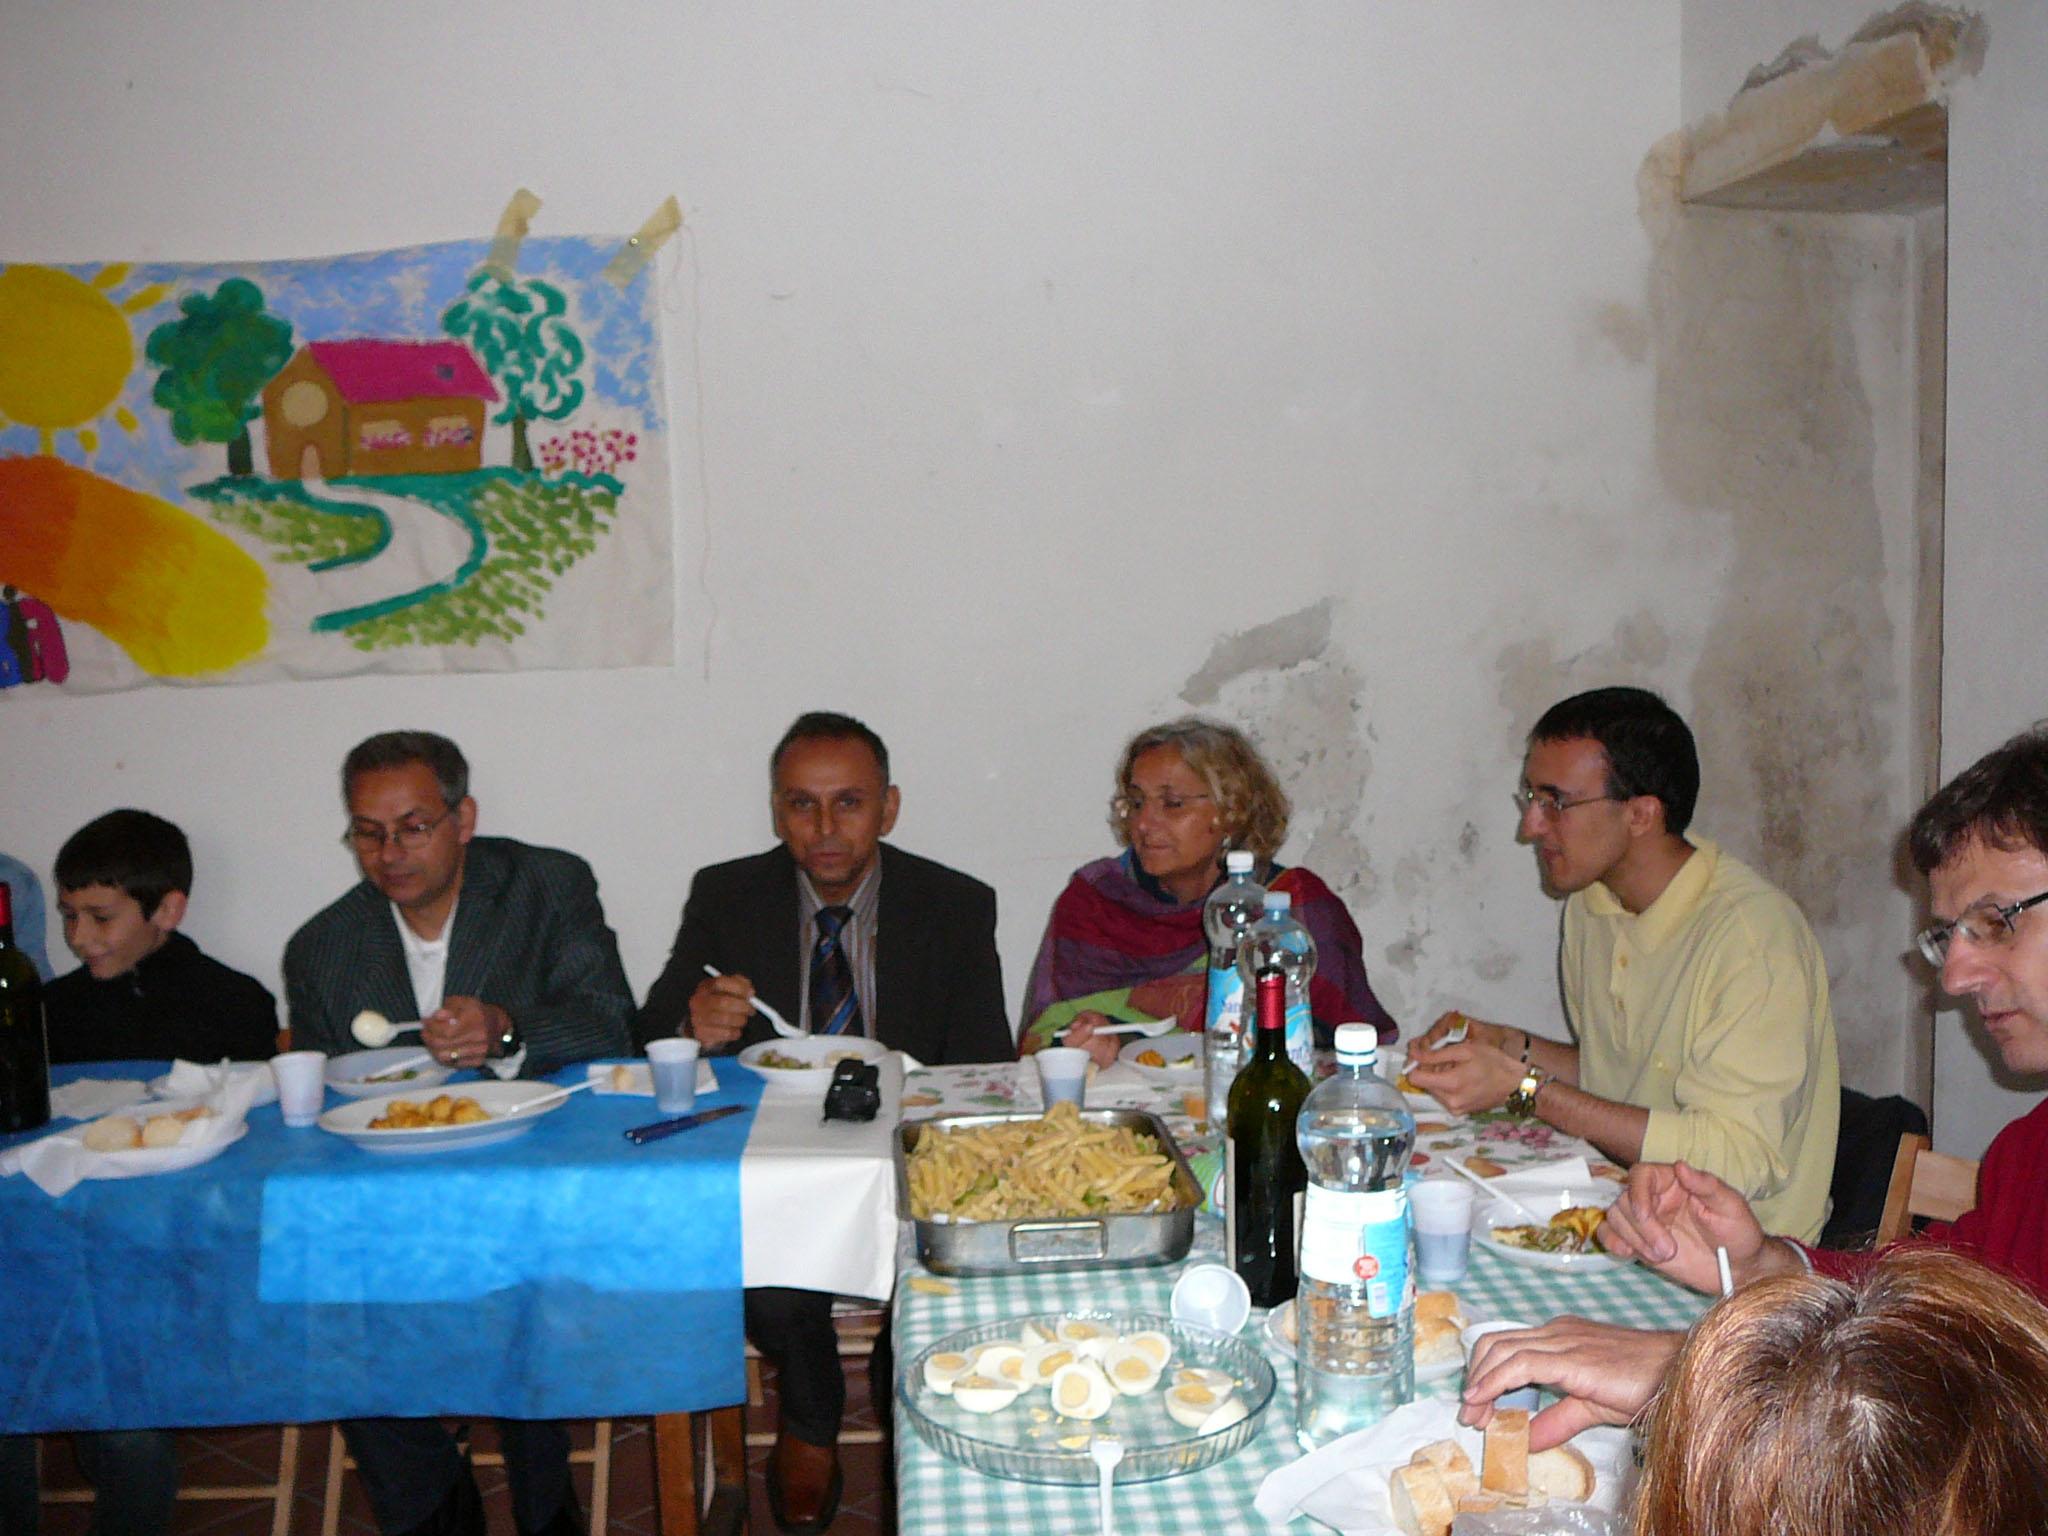 Pranzo solidale con Piero e Pasquale Campagna a Cascina Graziella